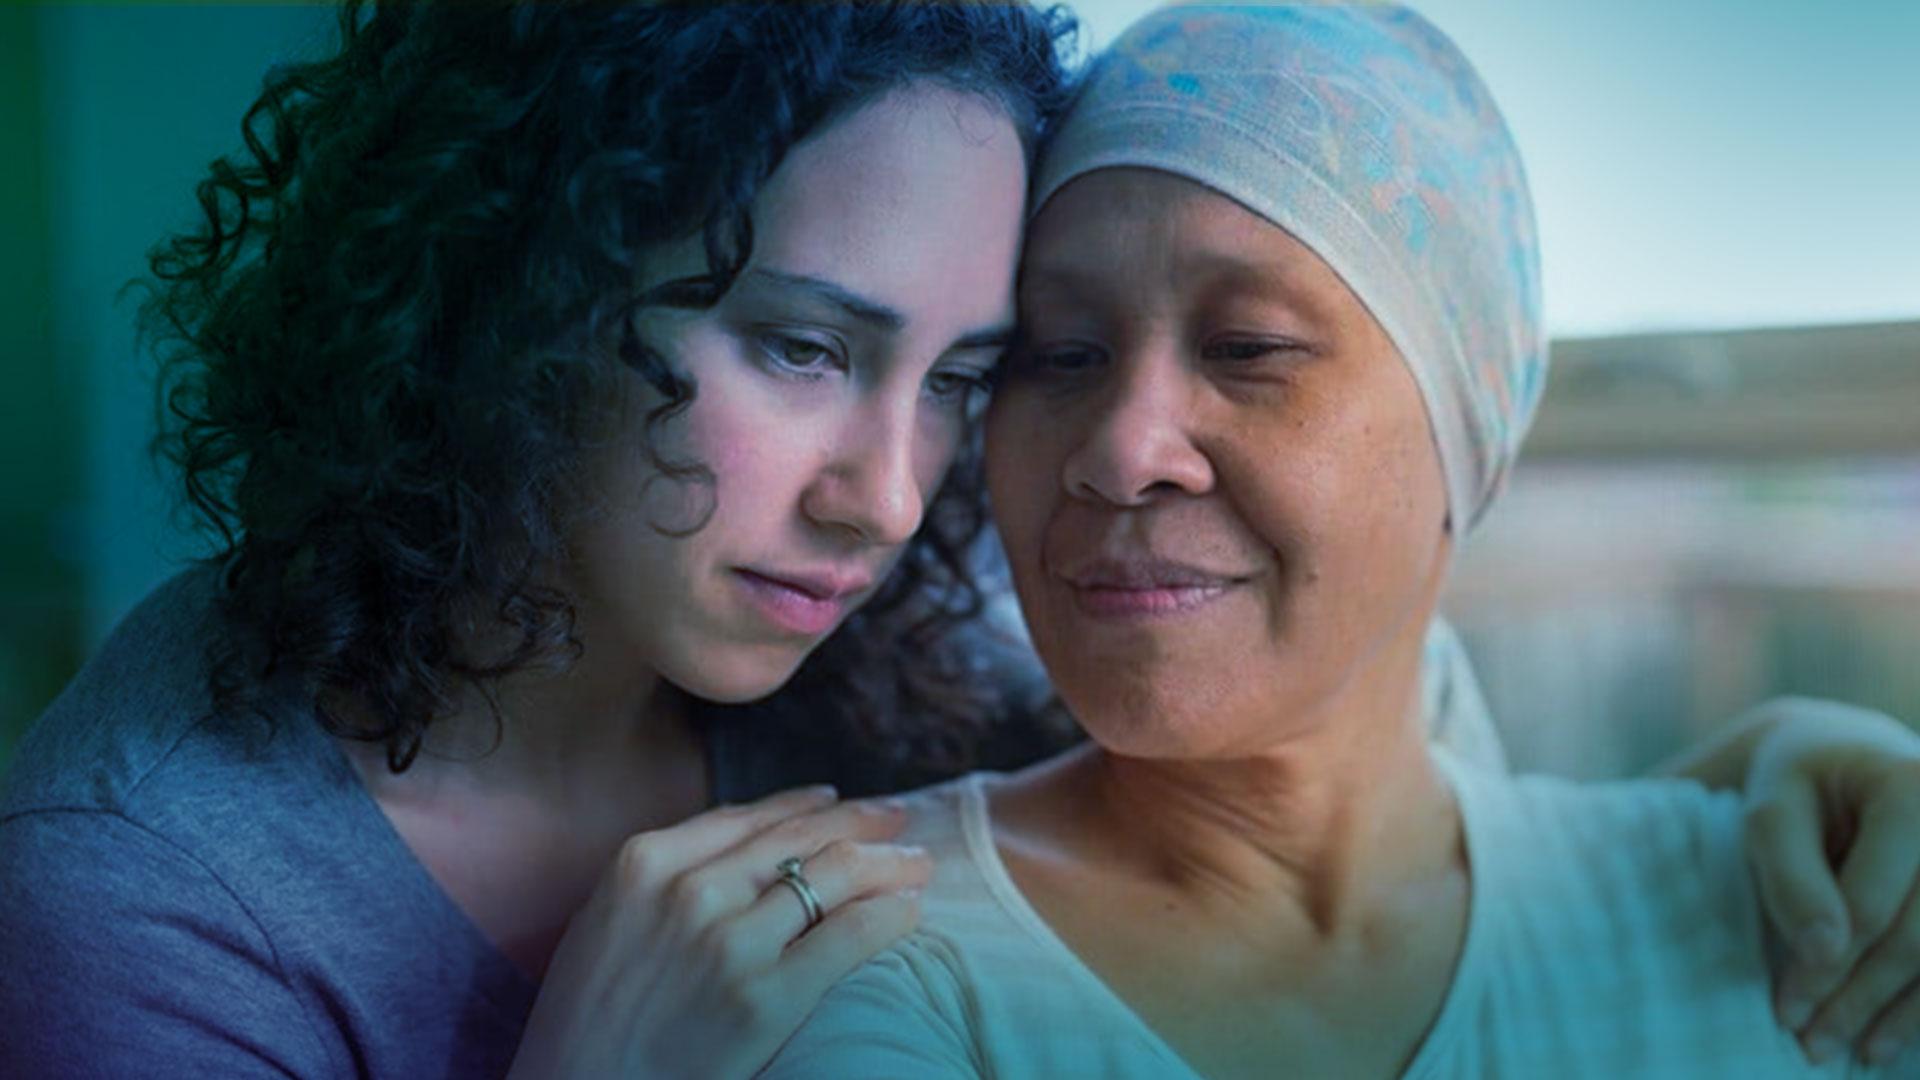 Tenho história na família de câncer de ovário, qual é minha chance de ter câncer de ovário?